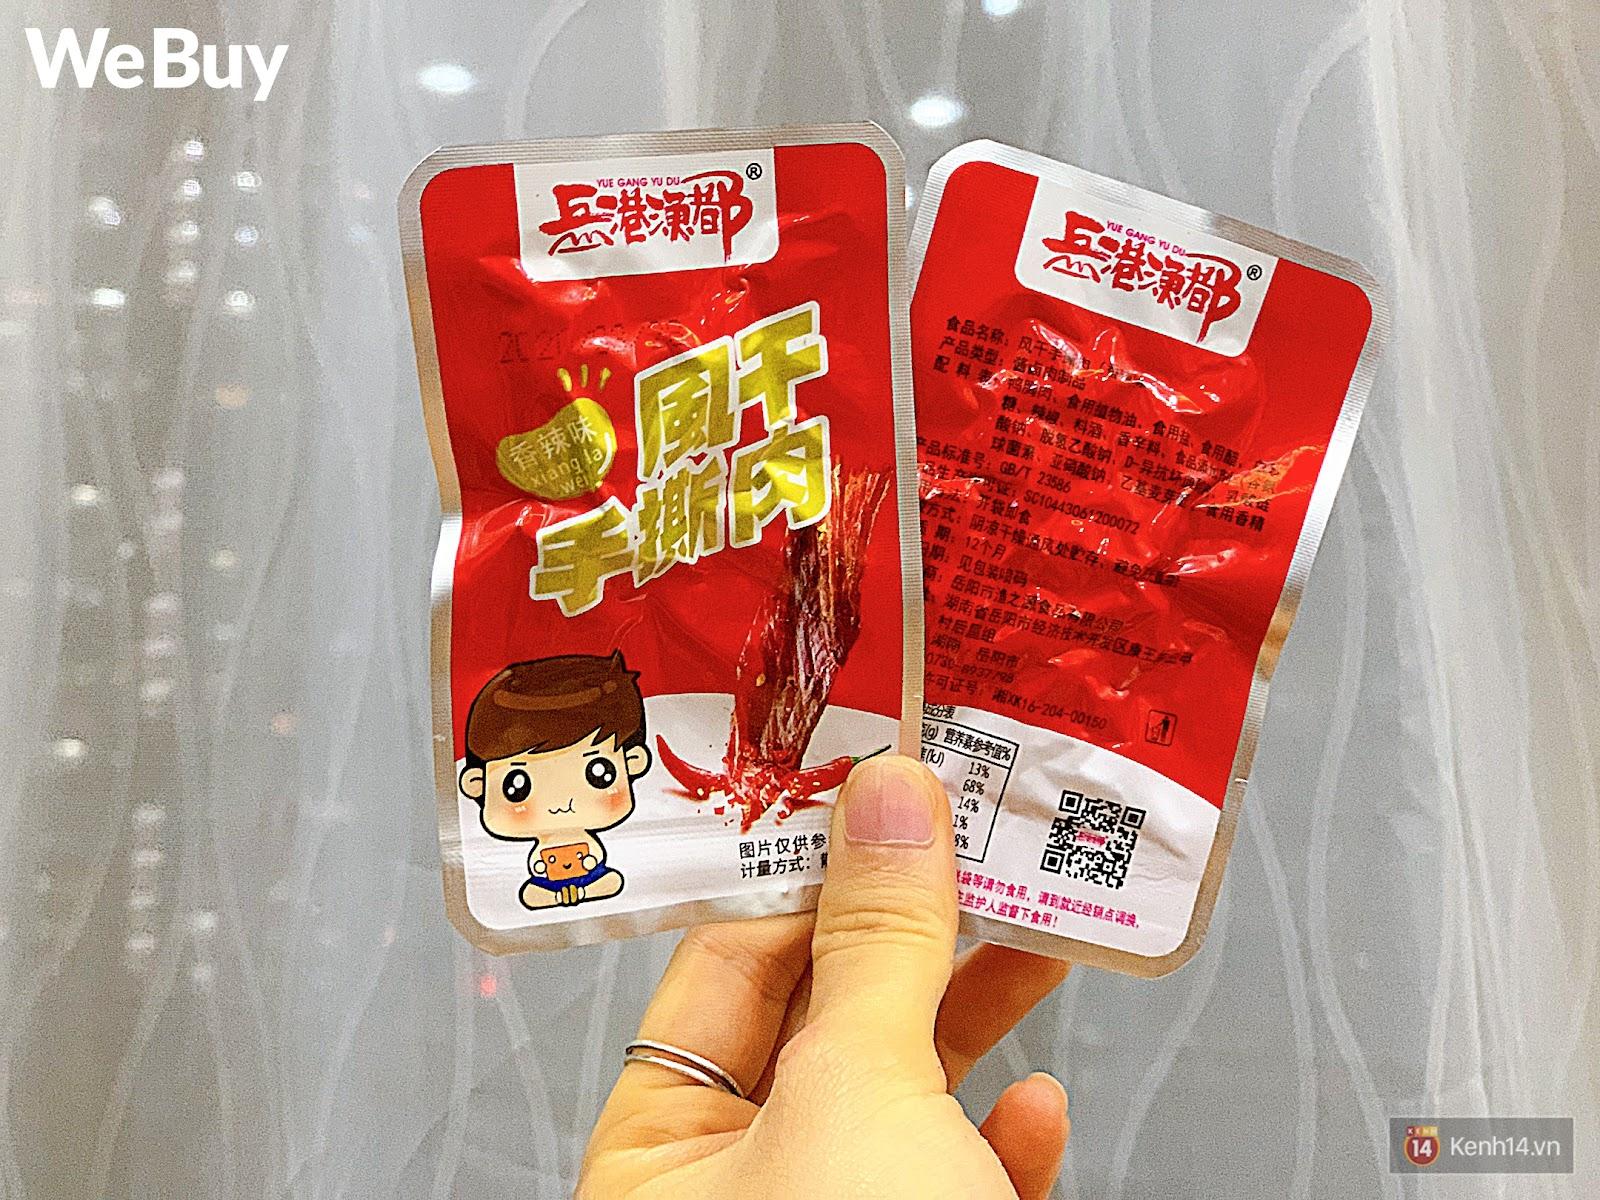 """Review set đồ ăn vặt nội địa Trung Quốc hot hit gần đây: Lung linh hấp dẫn là thế nhưng ăn thử mới thấy như bị... """"lừa tình"""" - Ảnh 12."""